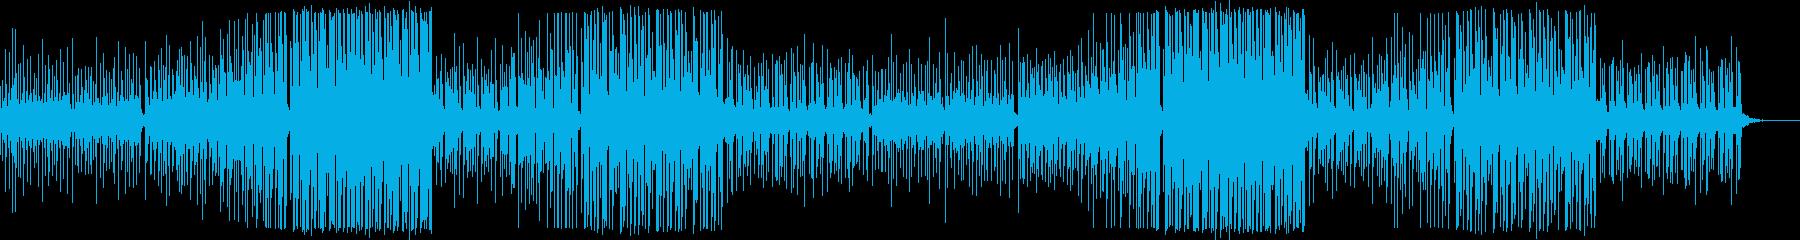 夏を盛り上げるトロピカルハウス・4の再生済みの波形